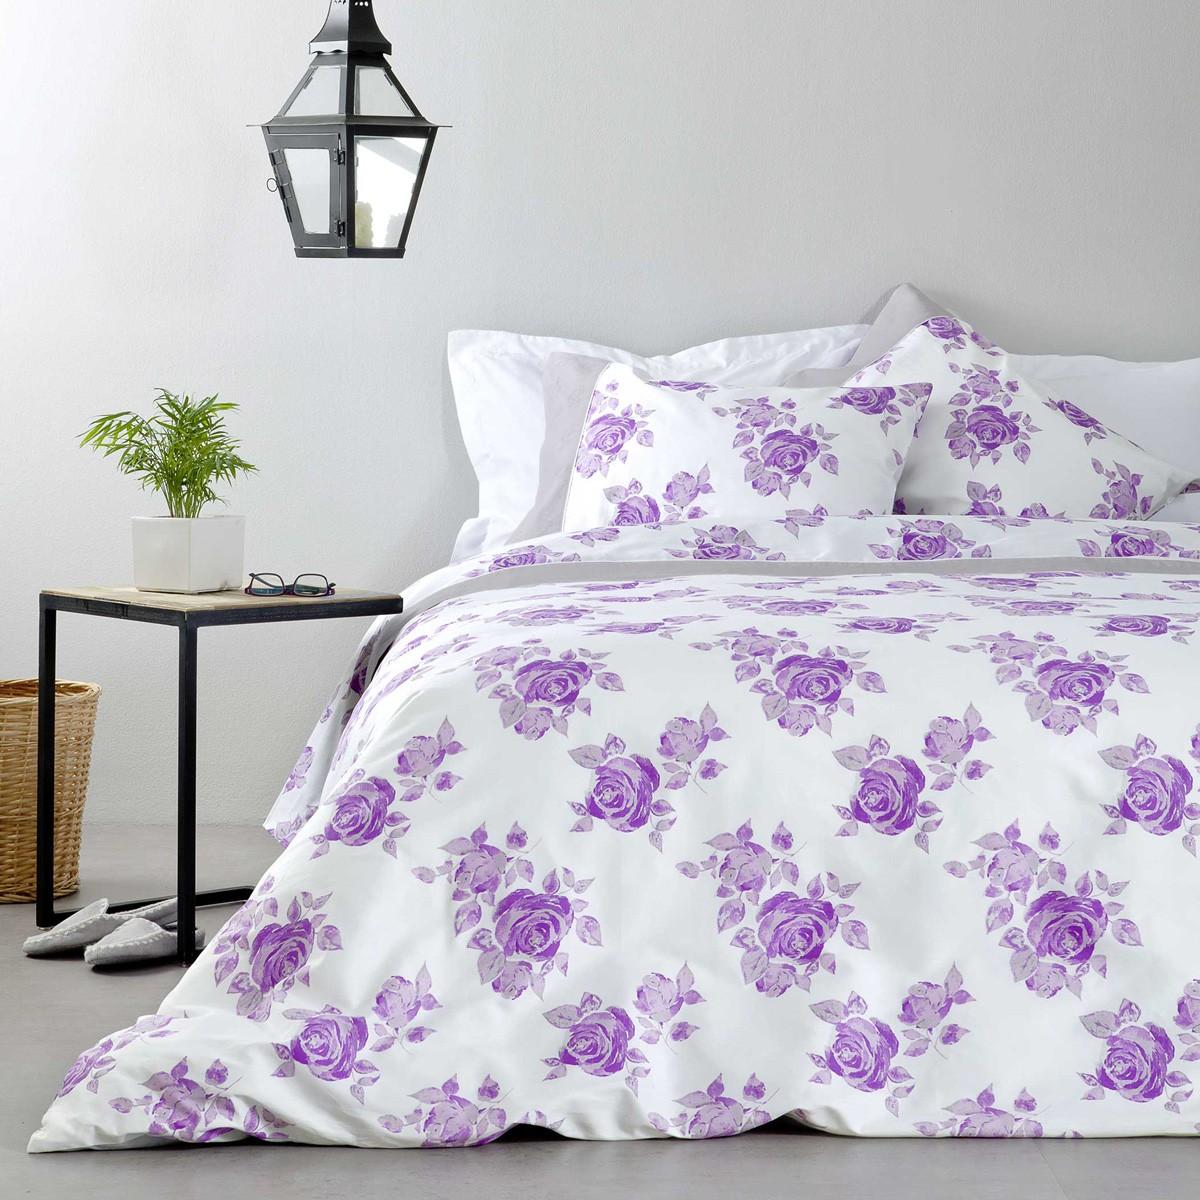 Κουβερλί Υπέρδιπλο Nima Bed Linen Rosalie Lilac